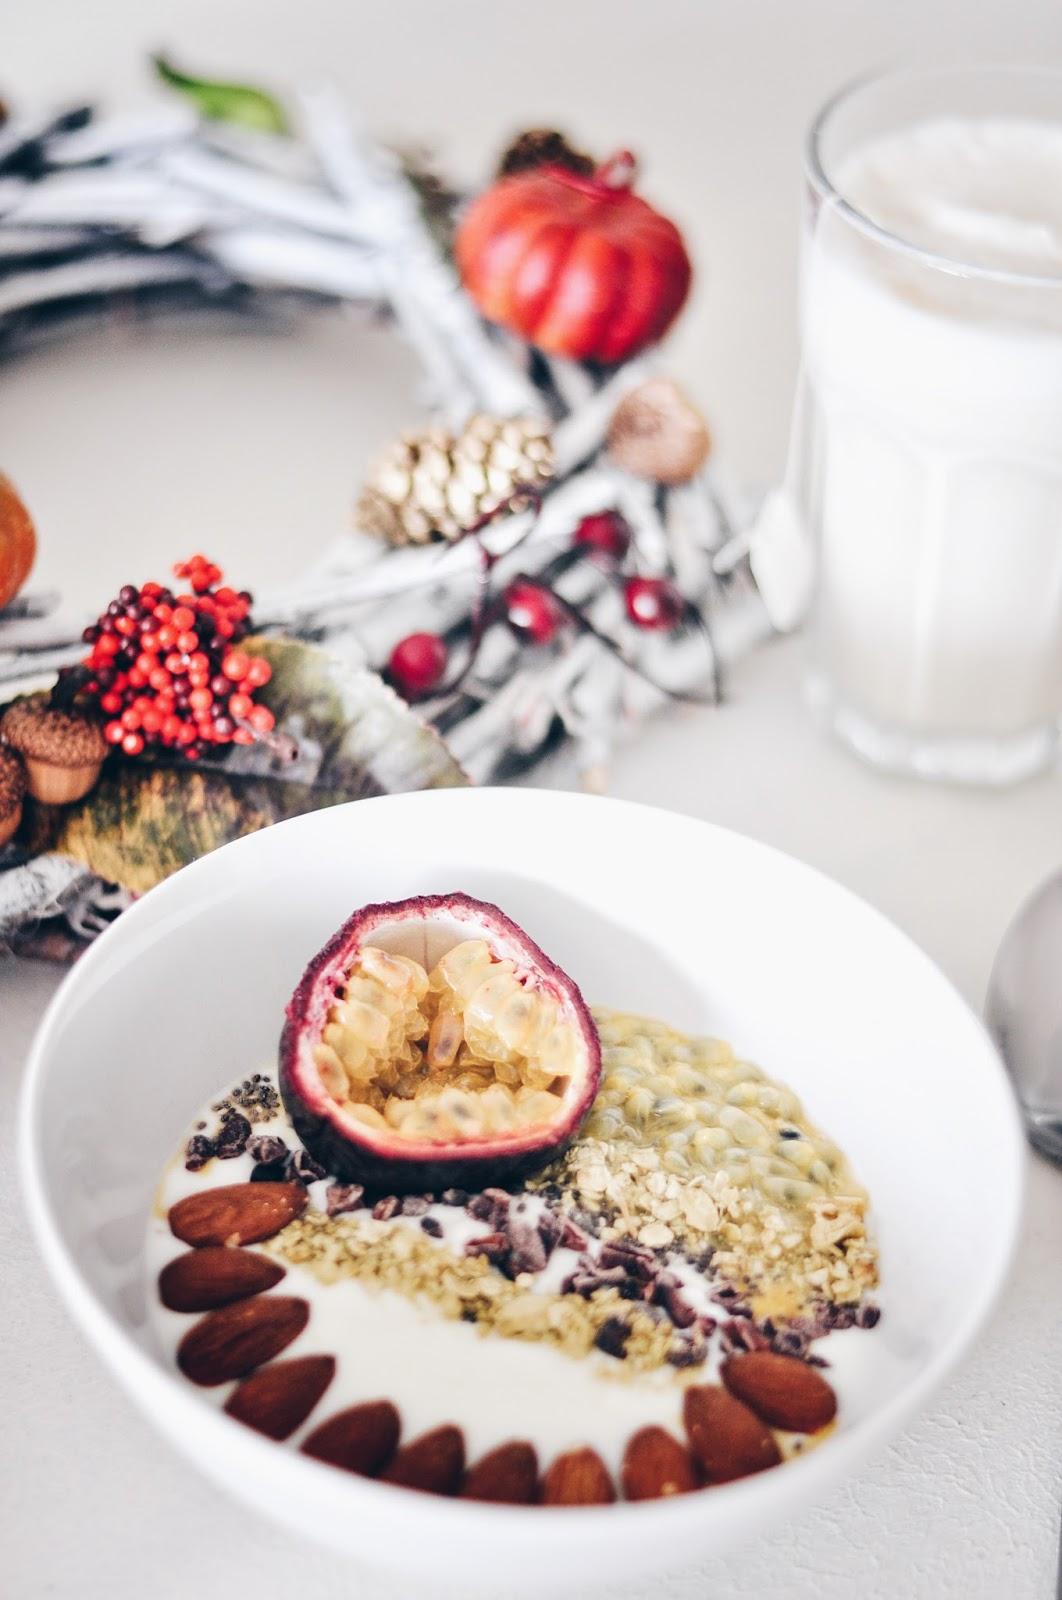 zdrowe jesienne śniadanie